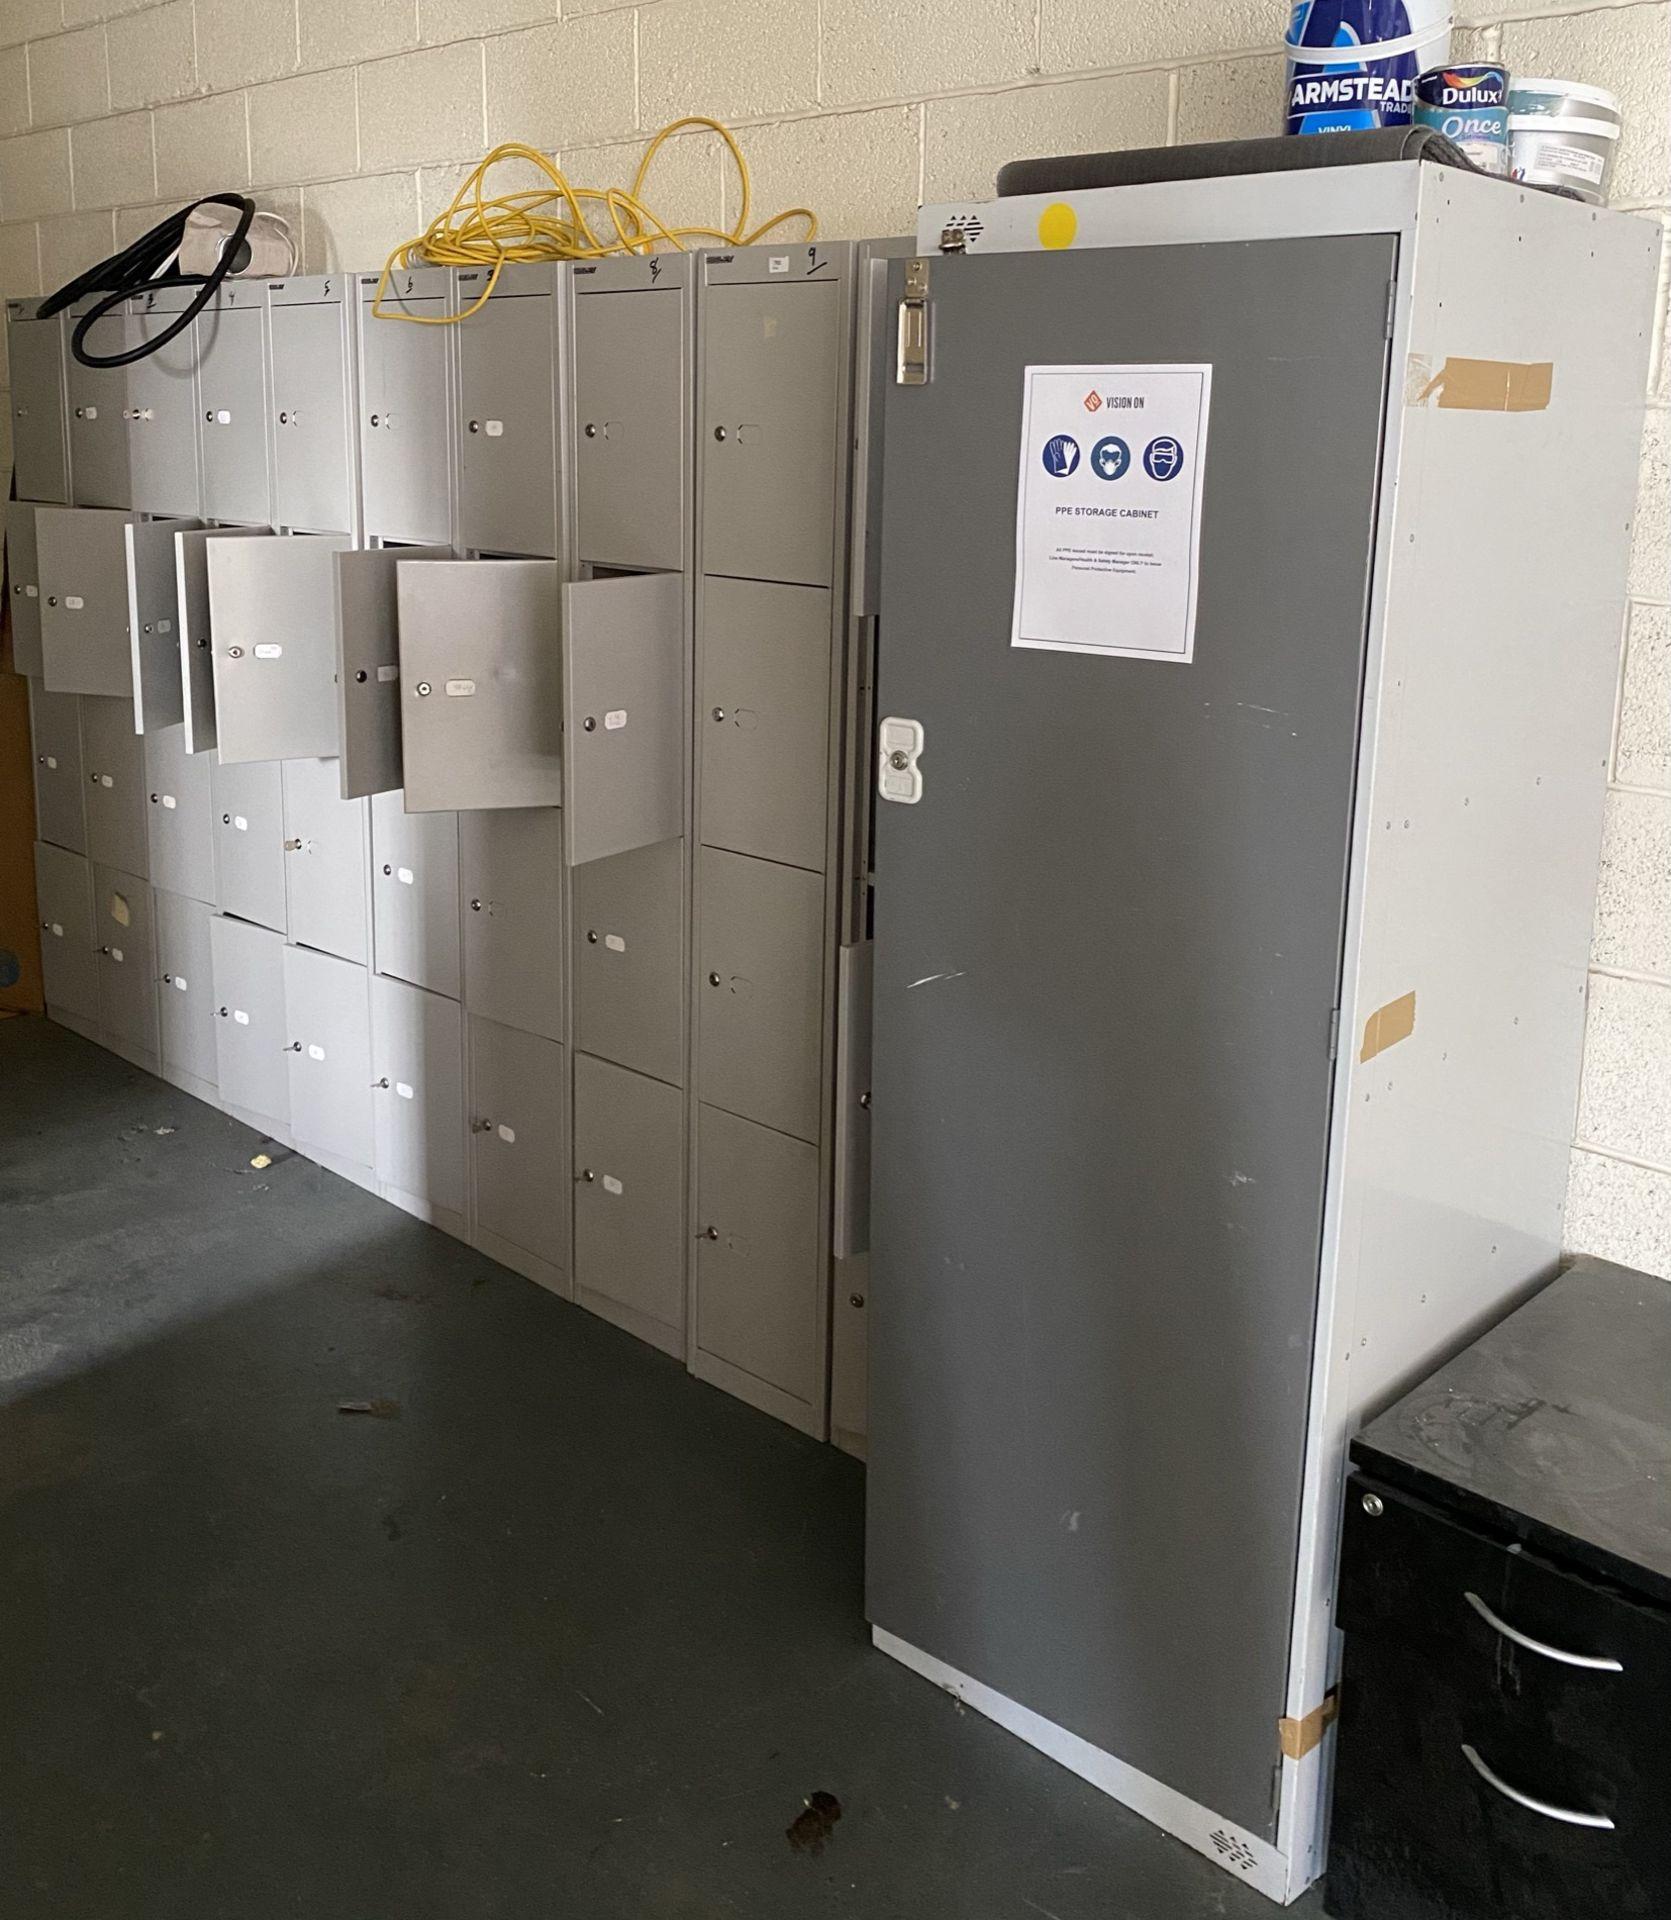 10 bays of 4 door grey metal lockers and